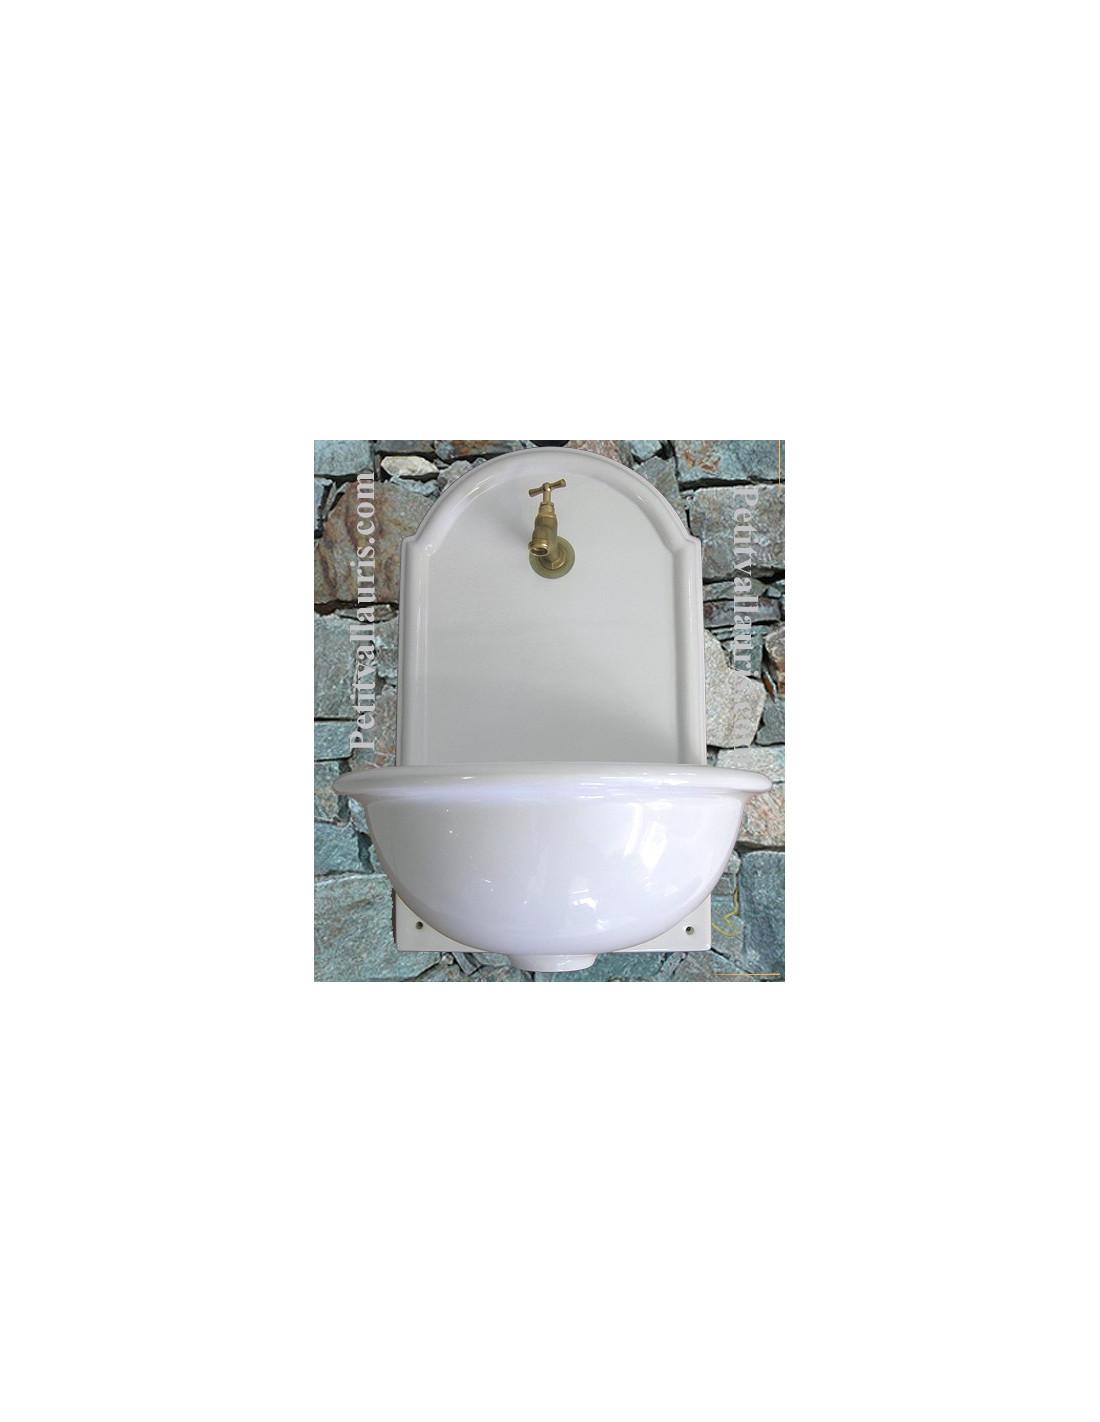 Fontaine lave main murale en c ramique unie blanche mod le for Ceramique murale blanche